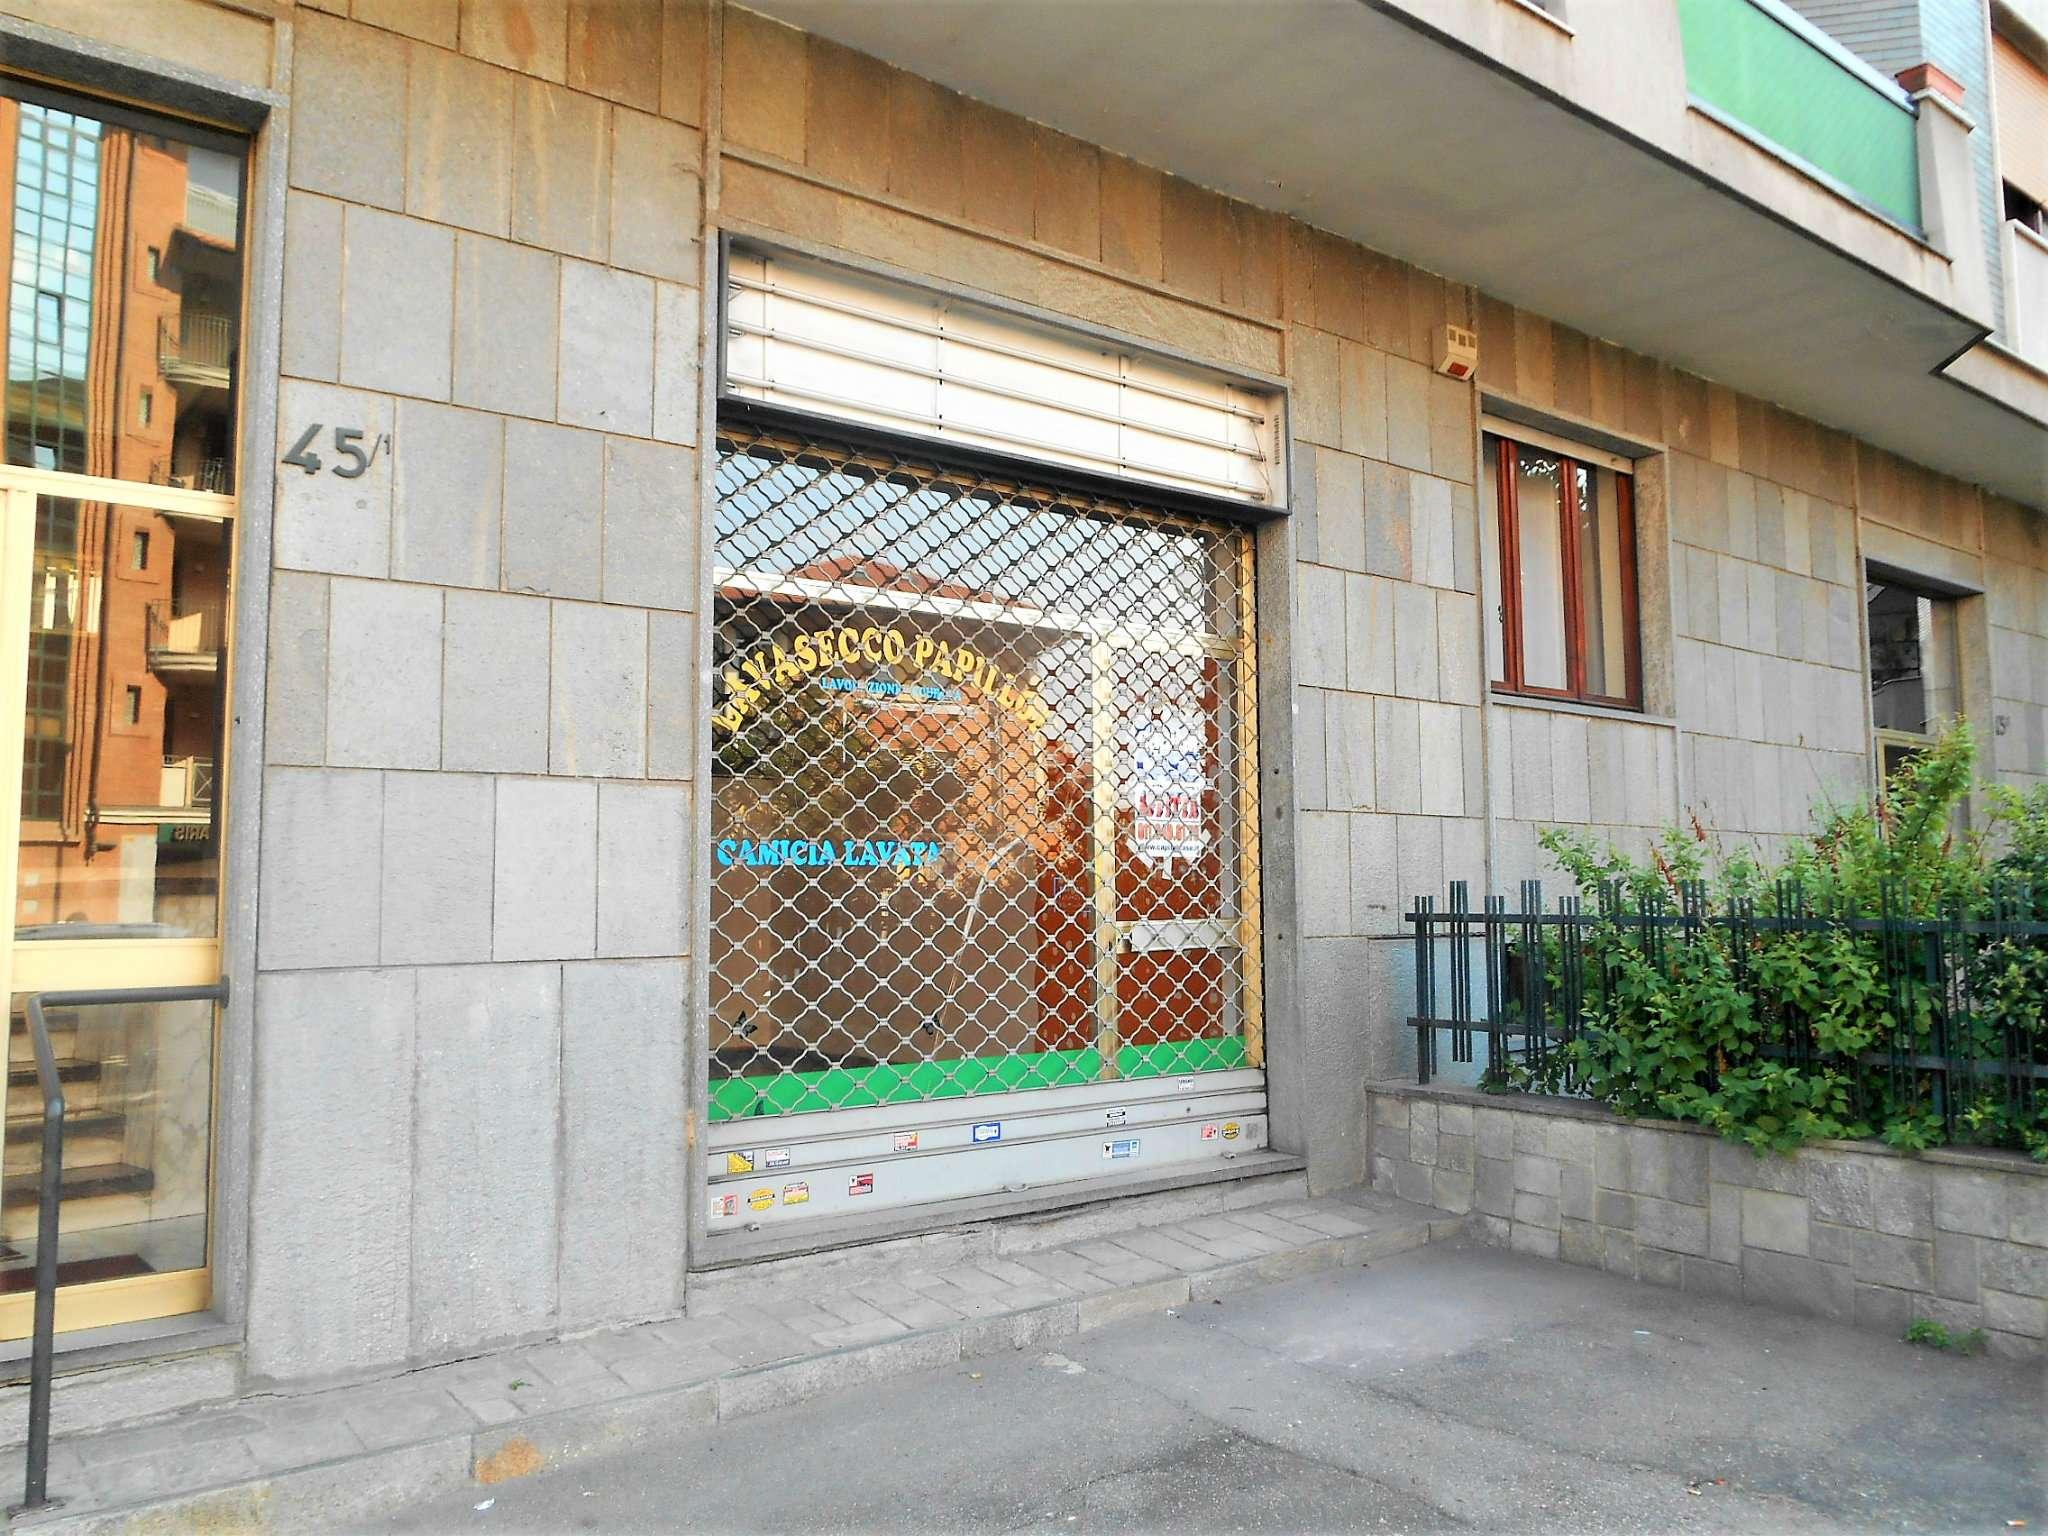 Negozio / Locale in affitto a Moncalieri, 2 locali, prezzo € 500   PortaleAgenzieImmobiliari.it